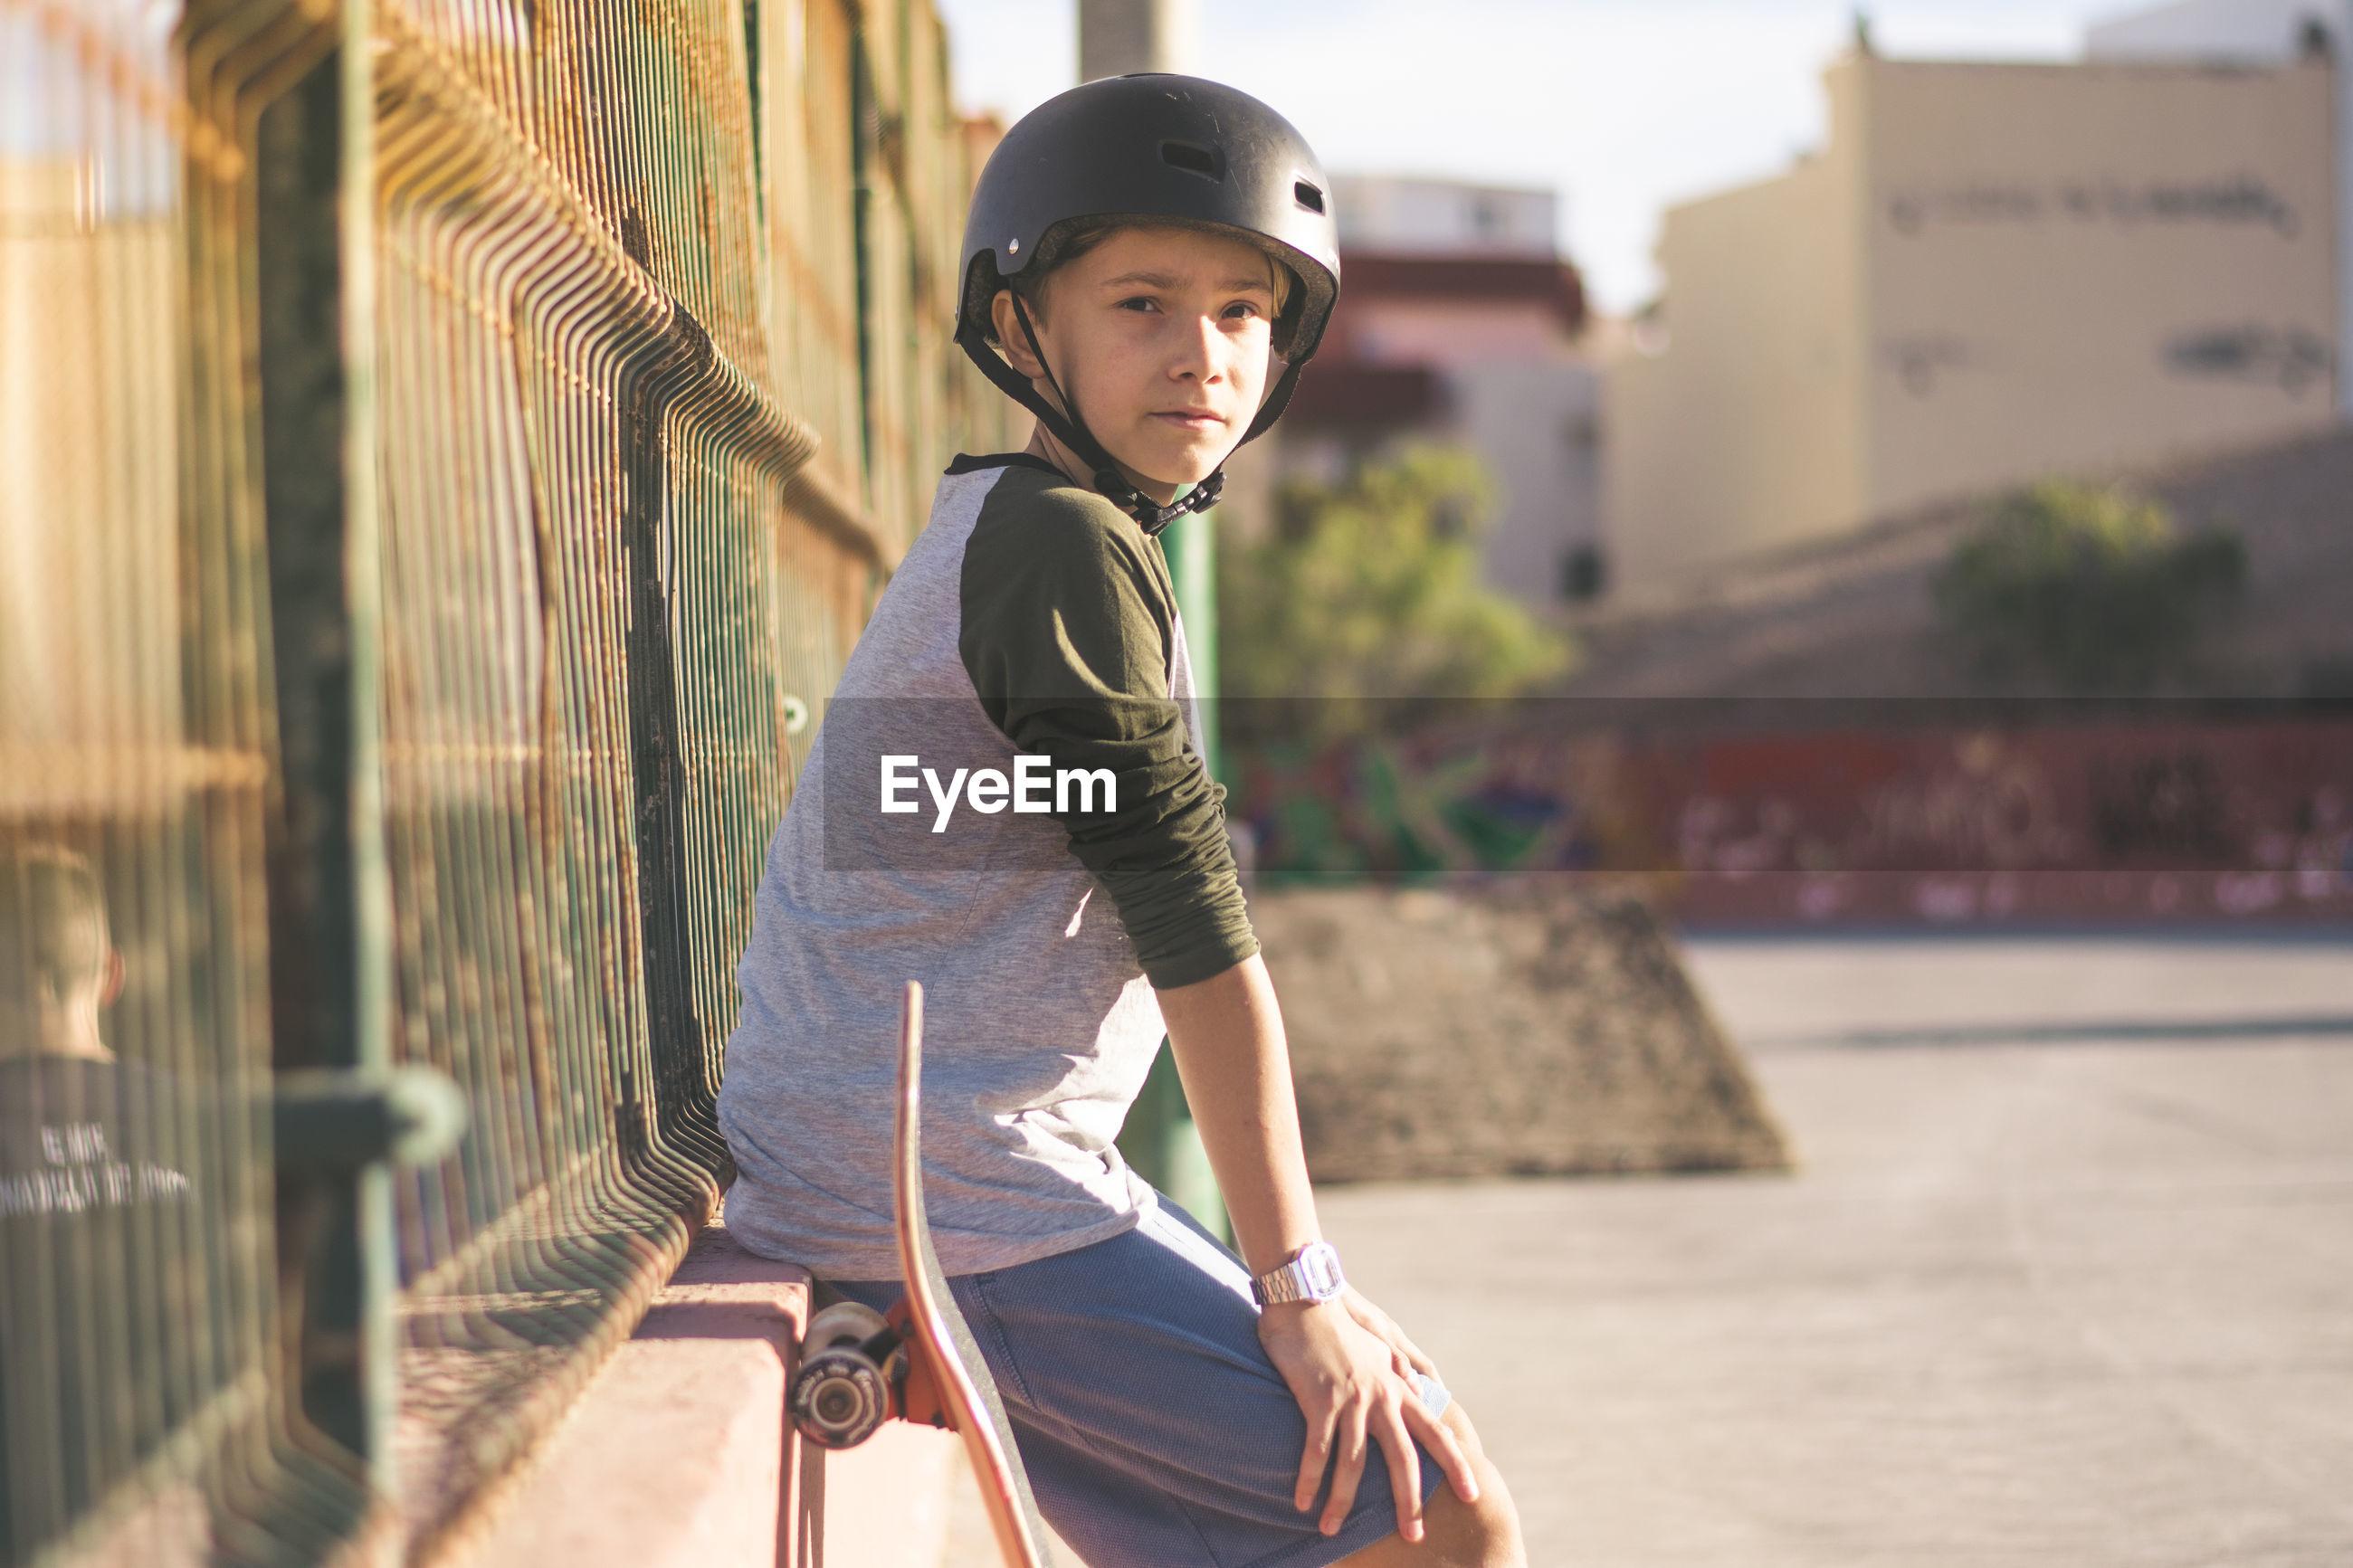 Portrait of boy wearing skateboard helmet by fence